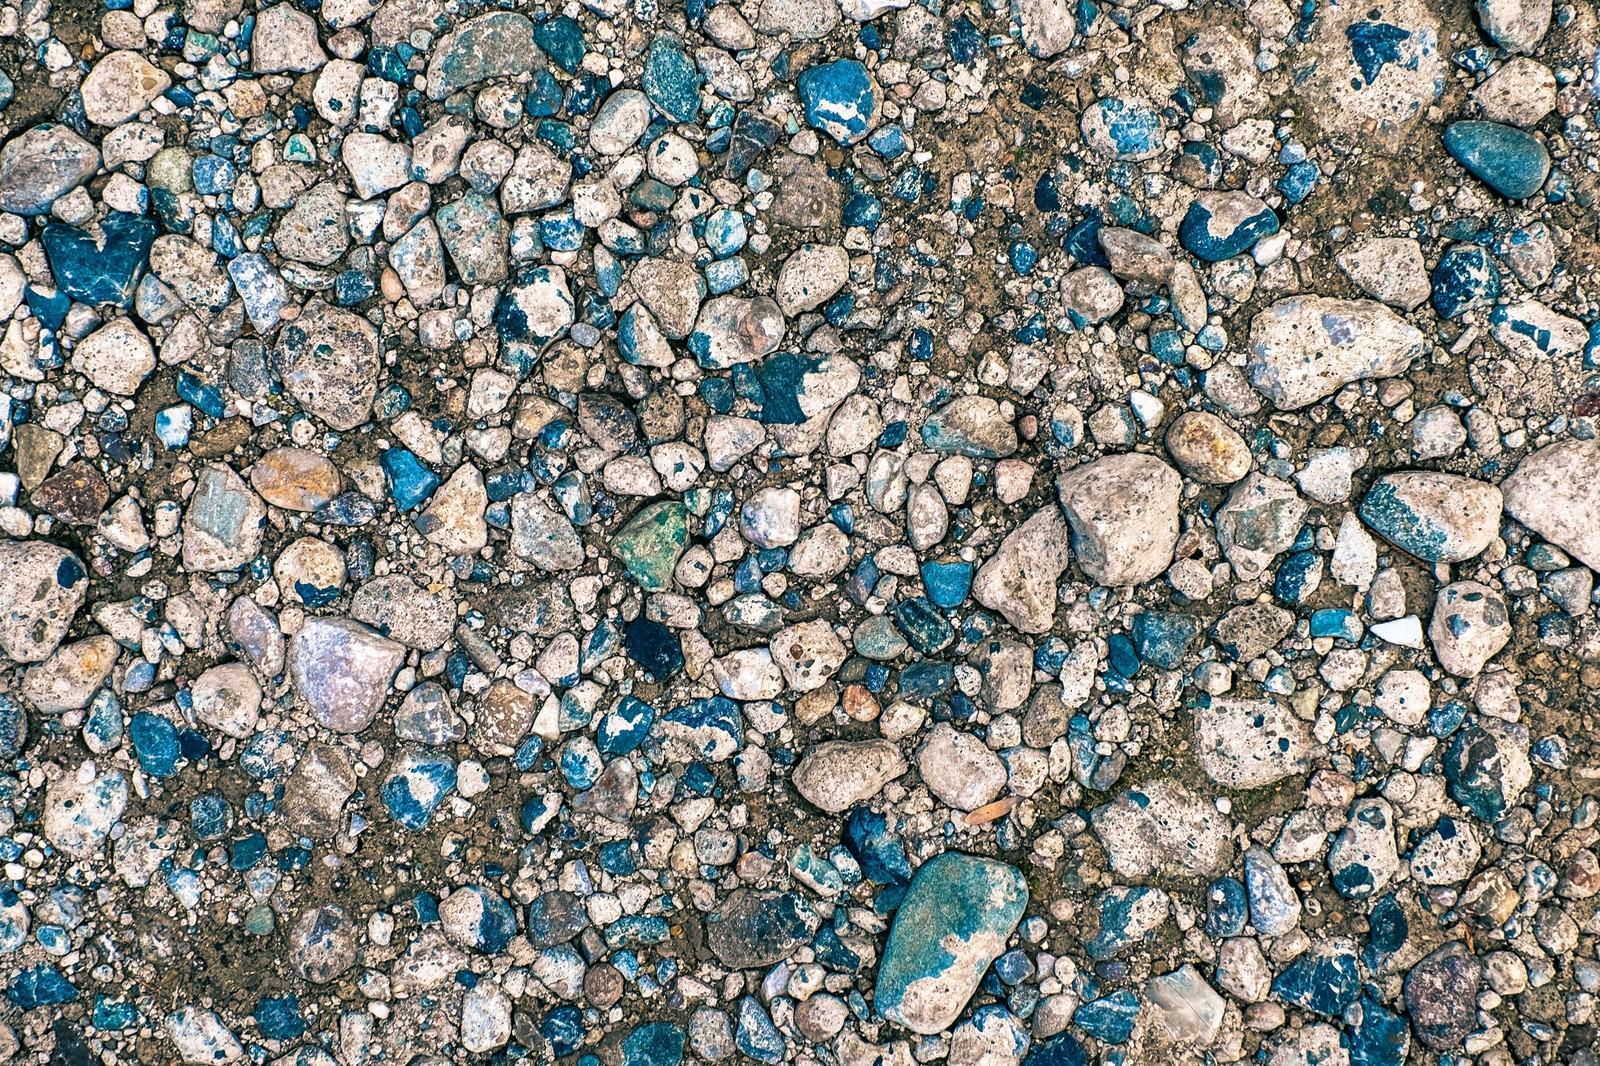 「上から圧がかかった地面と小石(テクスチャー)上から圧がかかった地面と小石(テクスチャー)」のフリー写真素材を拡大